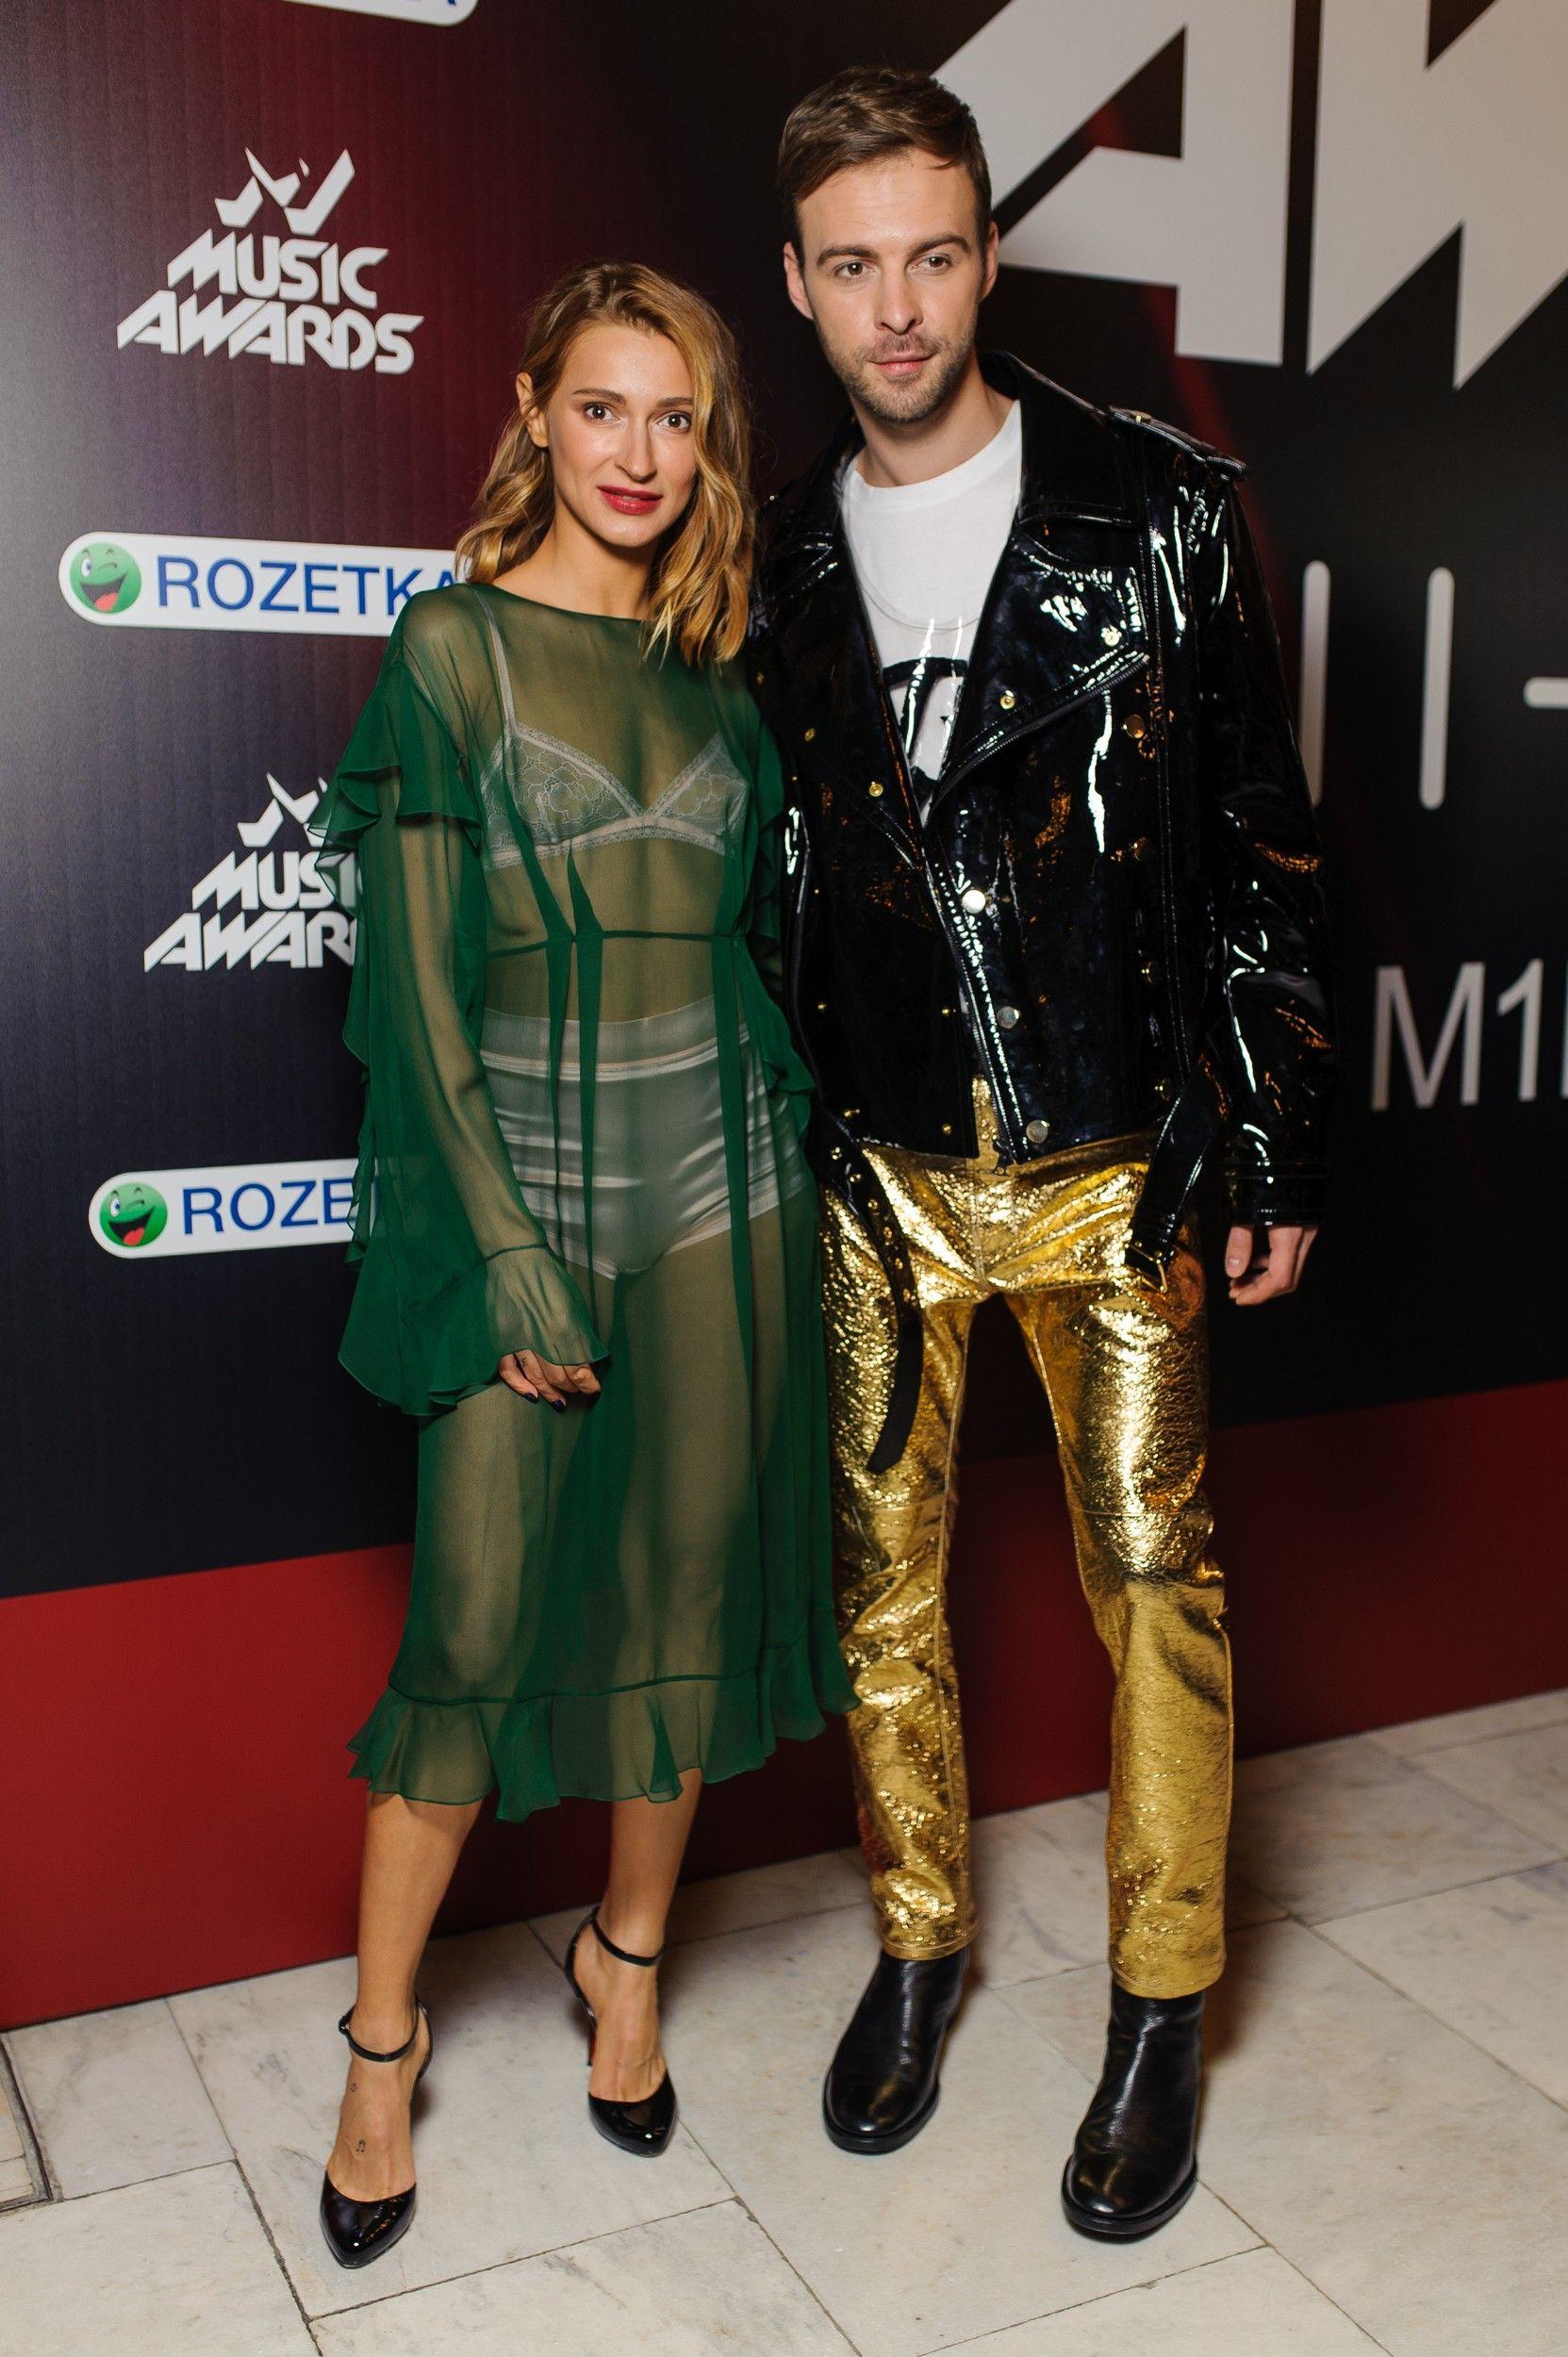 M1 Music Awards 2017: лучшие образы звезд с красной дорожки - фото 356114